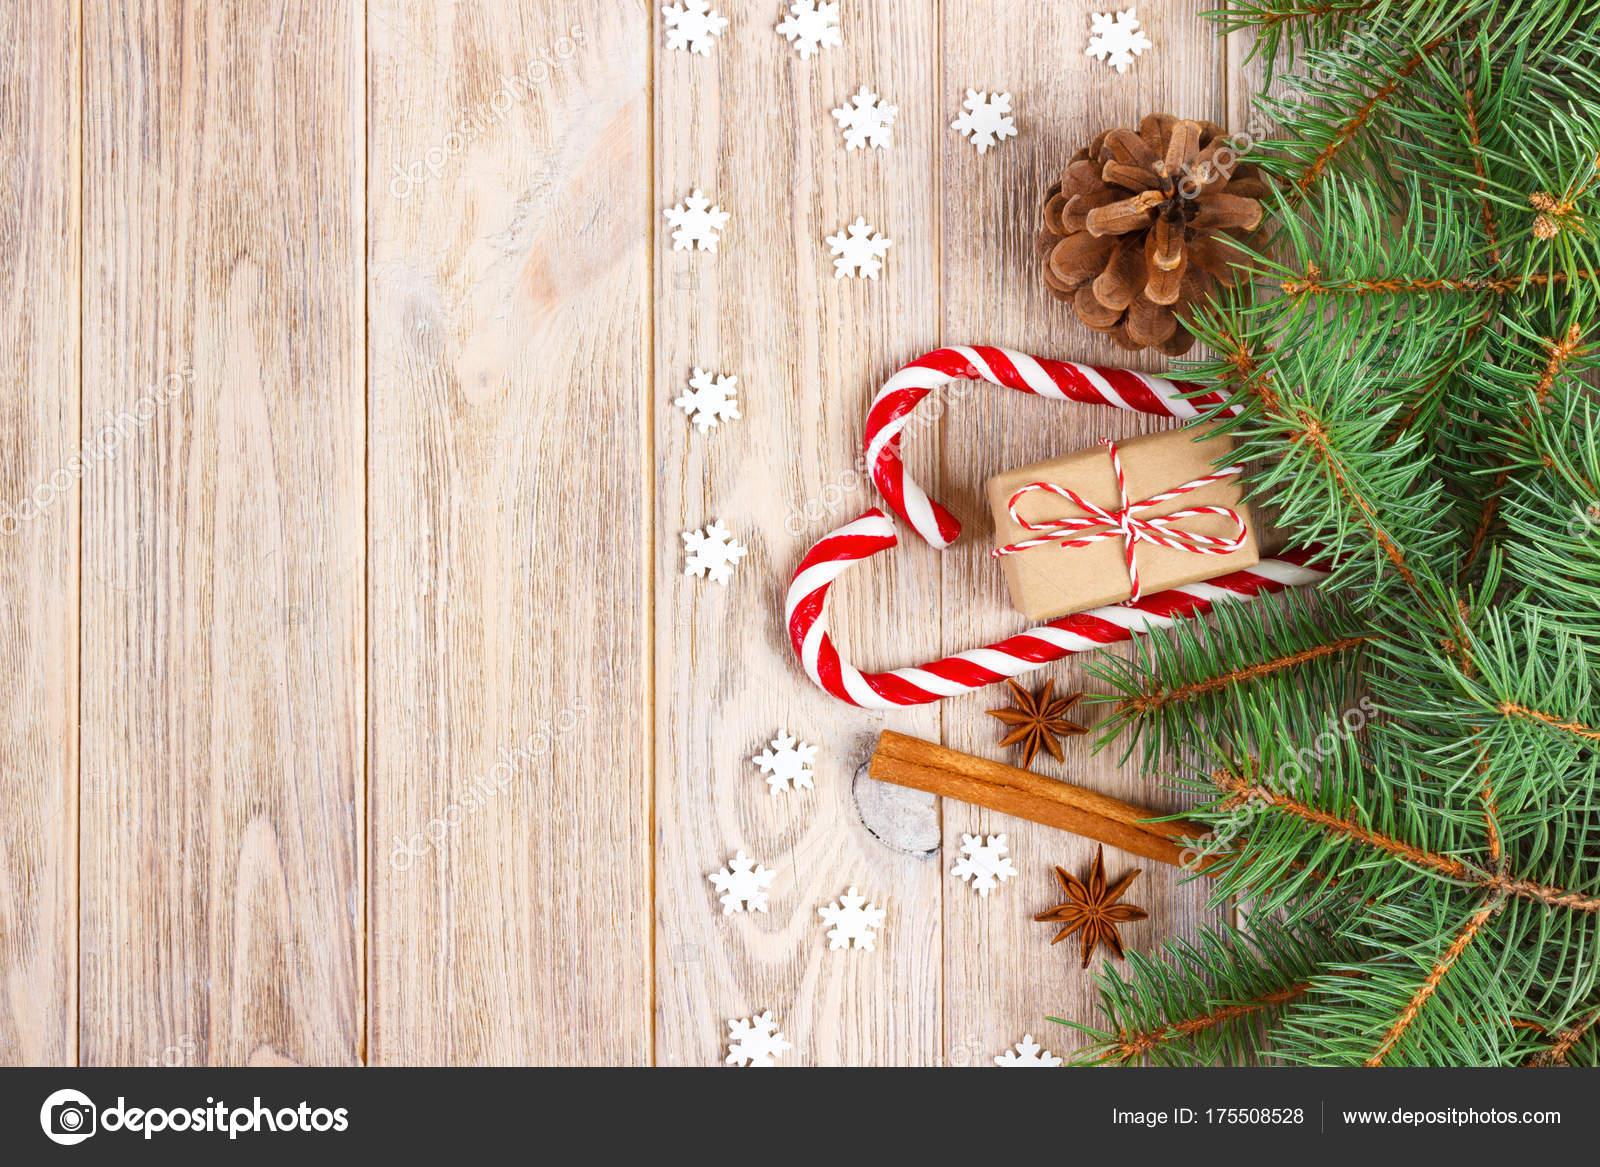 Weihnachten Hintergrund mit Weihnachtsbaum Äste, Tannenzapfen, Candy ...